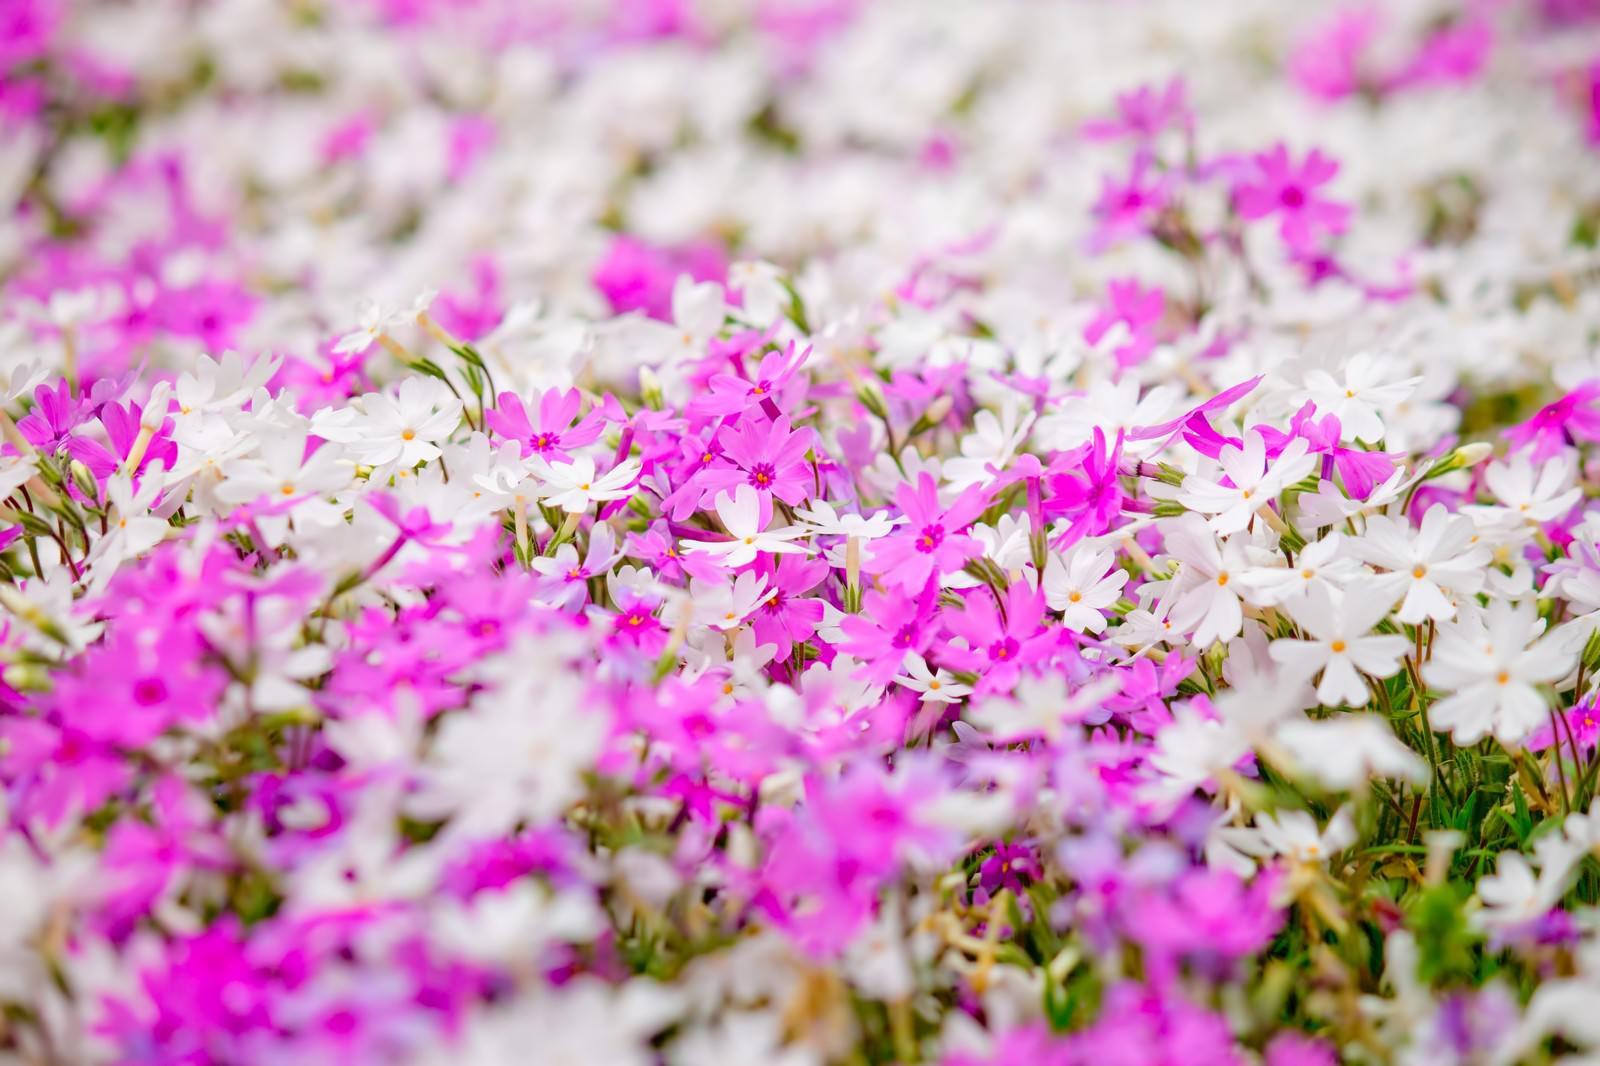 「一面に咲くピンクと白い花」の写真